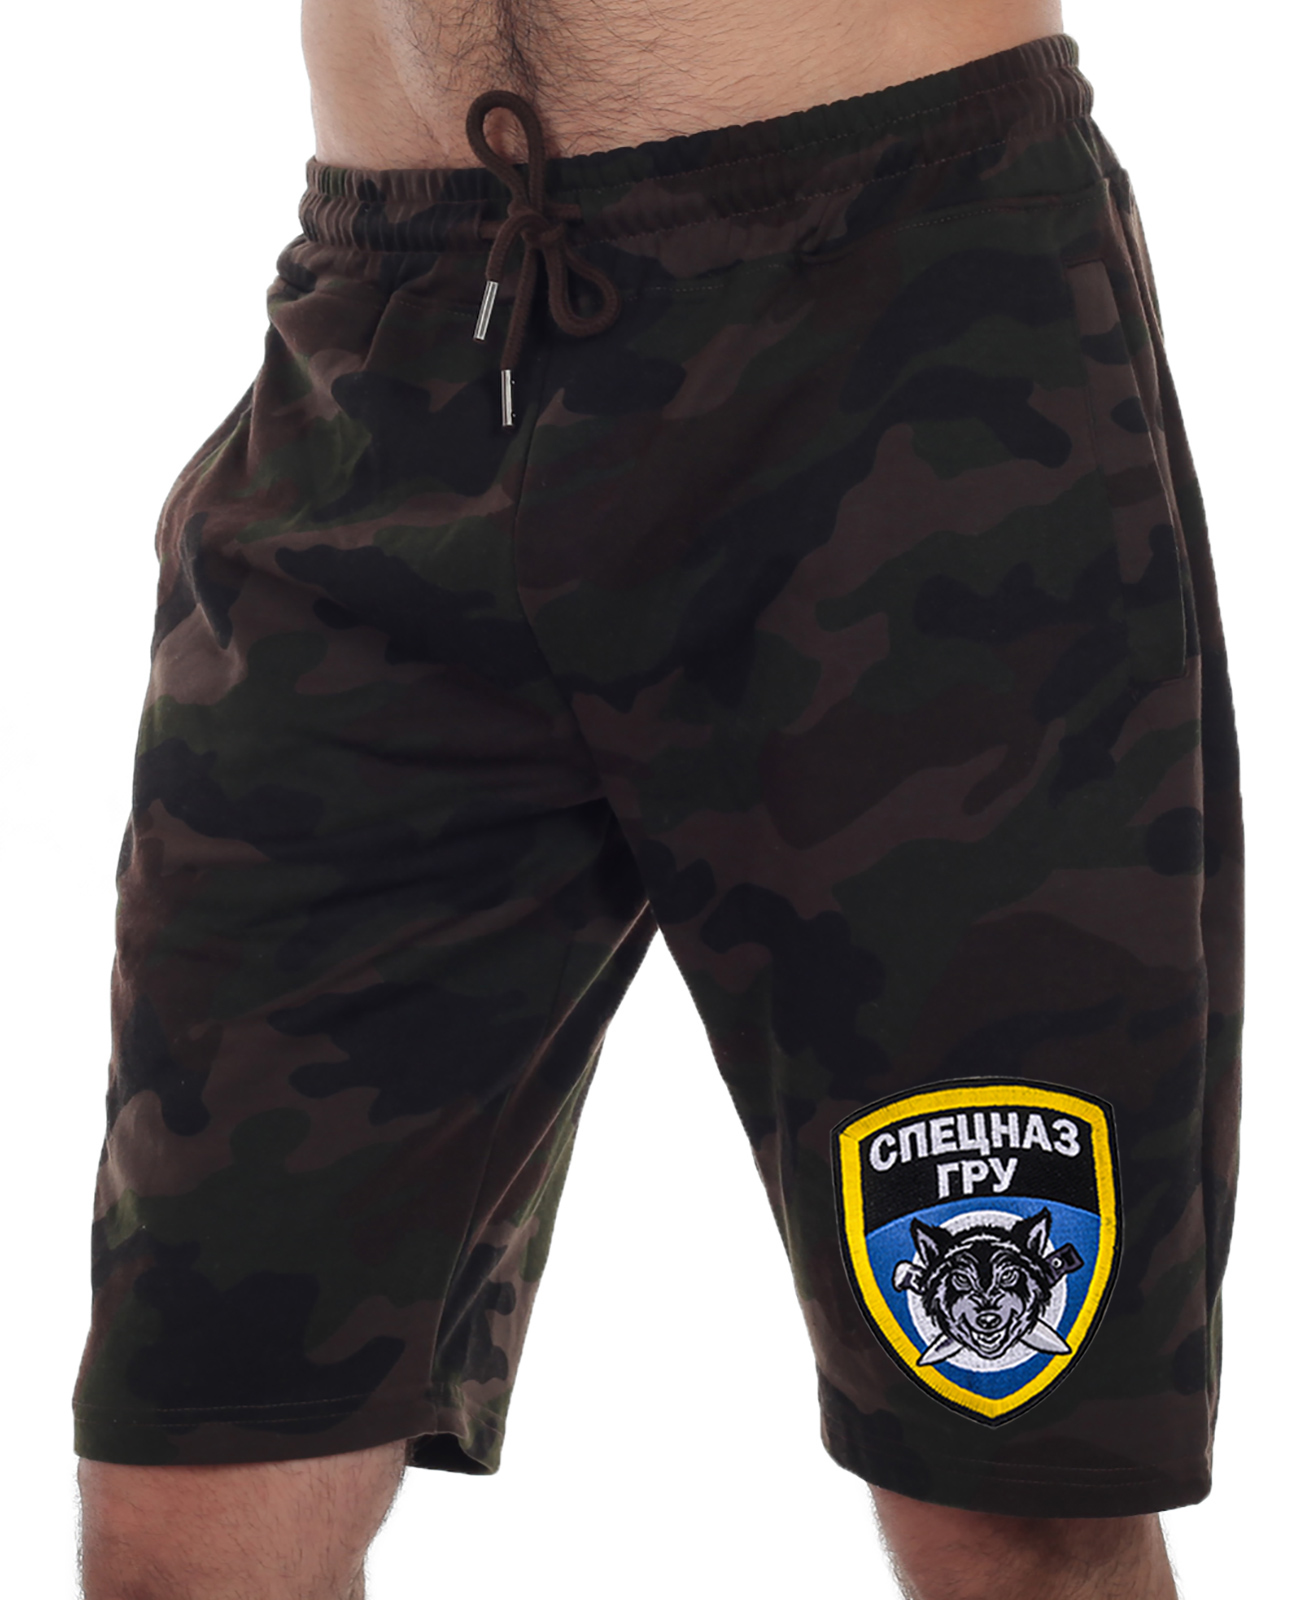 Купить в военторге Военпро уставные военные шорты Спецназа ГРУ